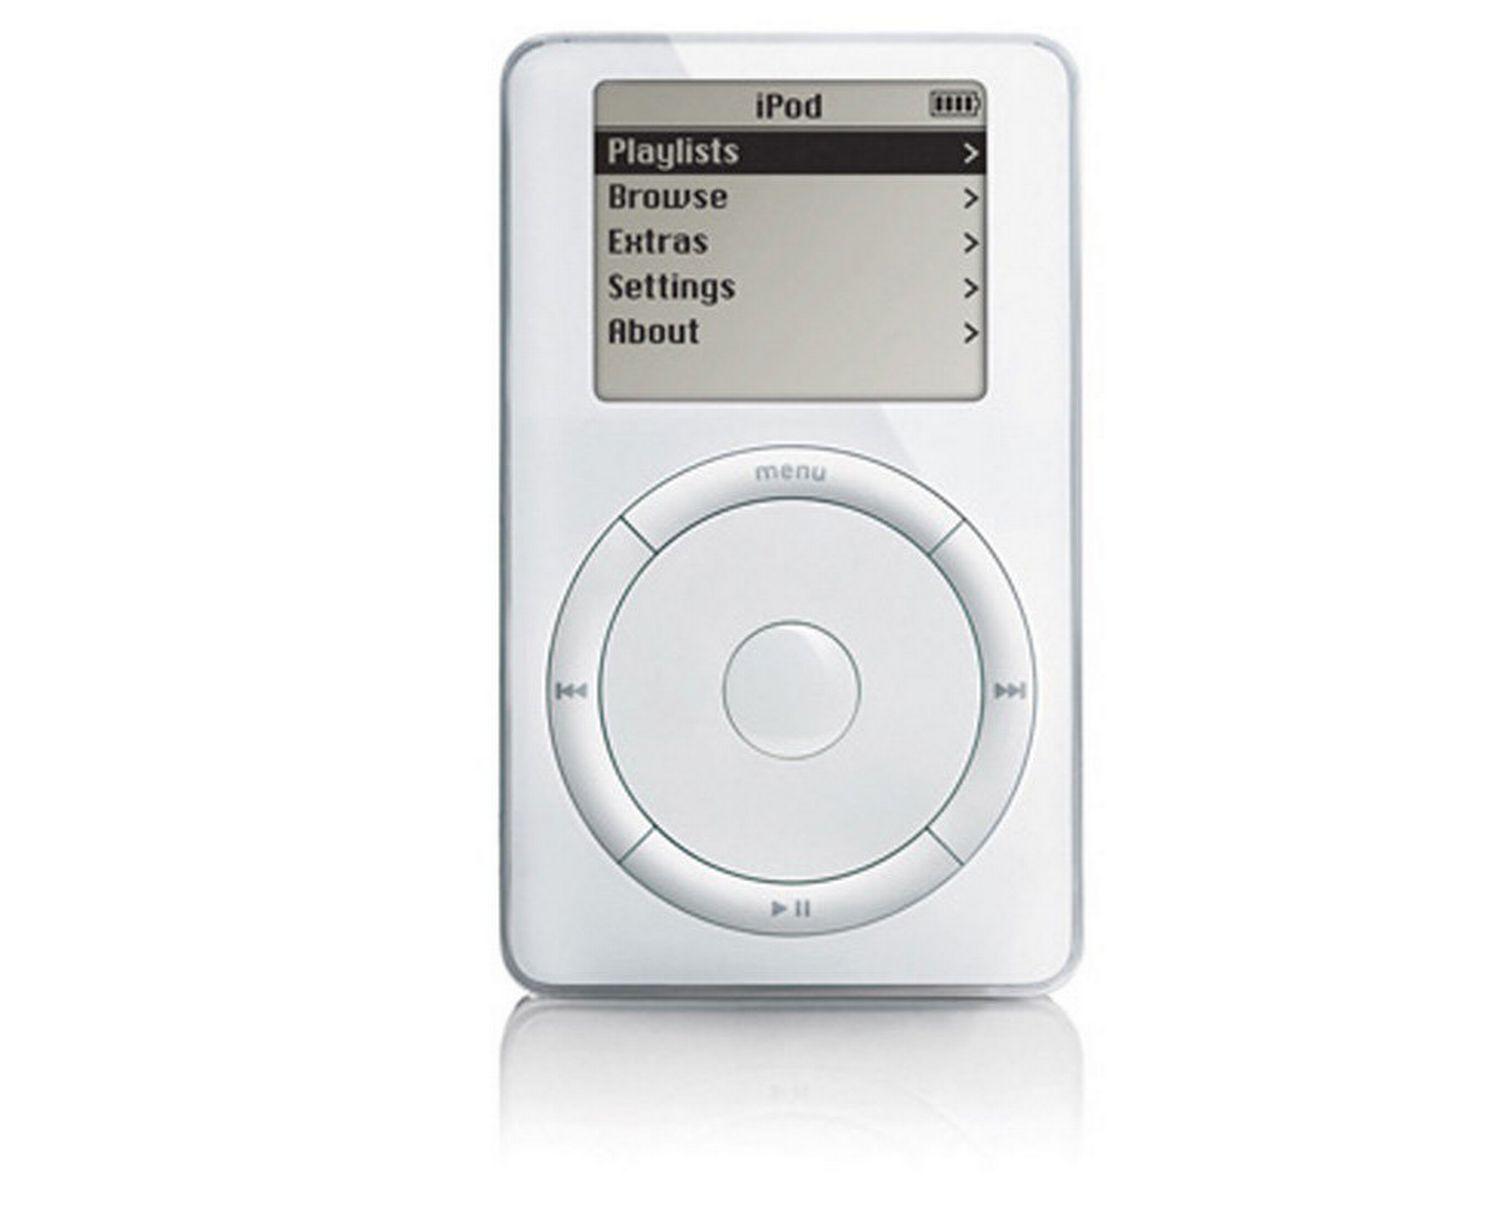 Первый iPod Apple стоил 399 долларов